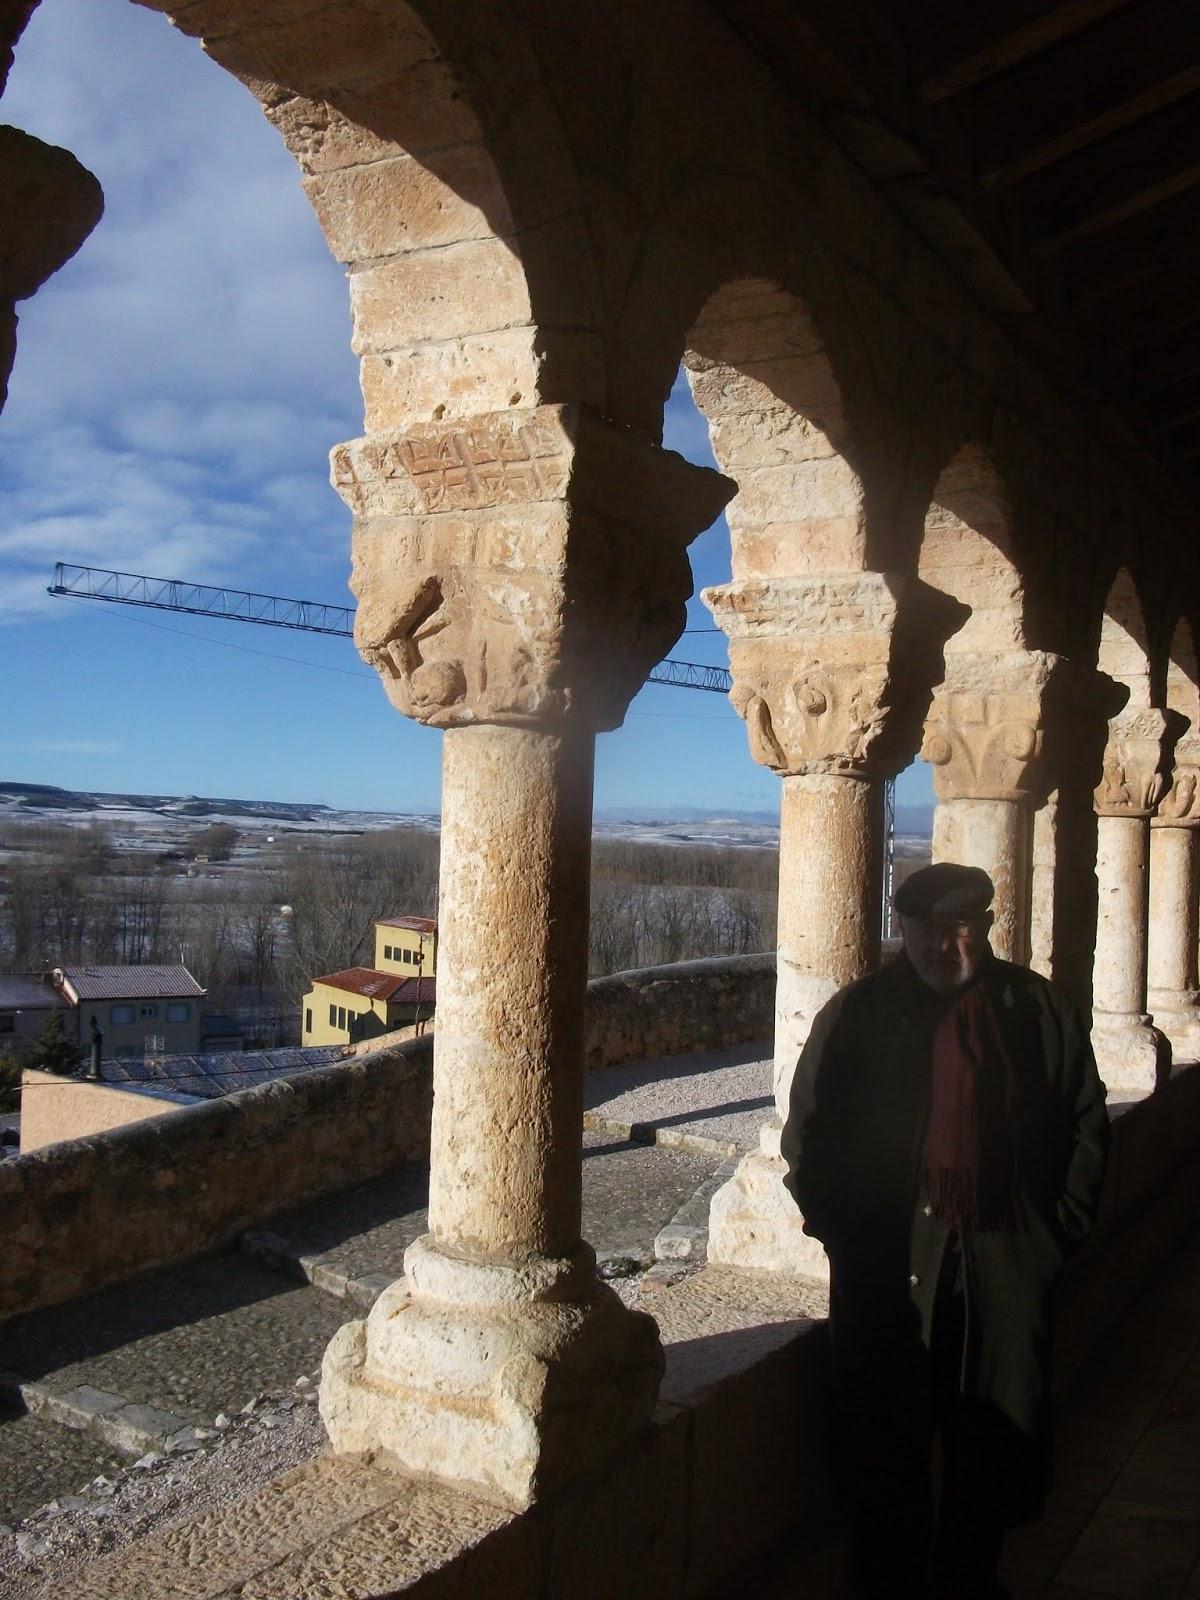 ... Cartagena a Compostela. El camino de Santiago aparte de sus postulados  religiosos tiene un aspecto comercial. La ruta de la Lana se combina con la  Ruta ... fcf2612541a